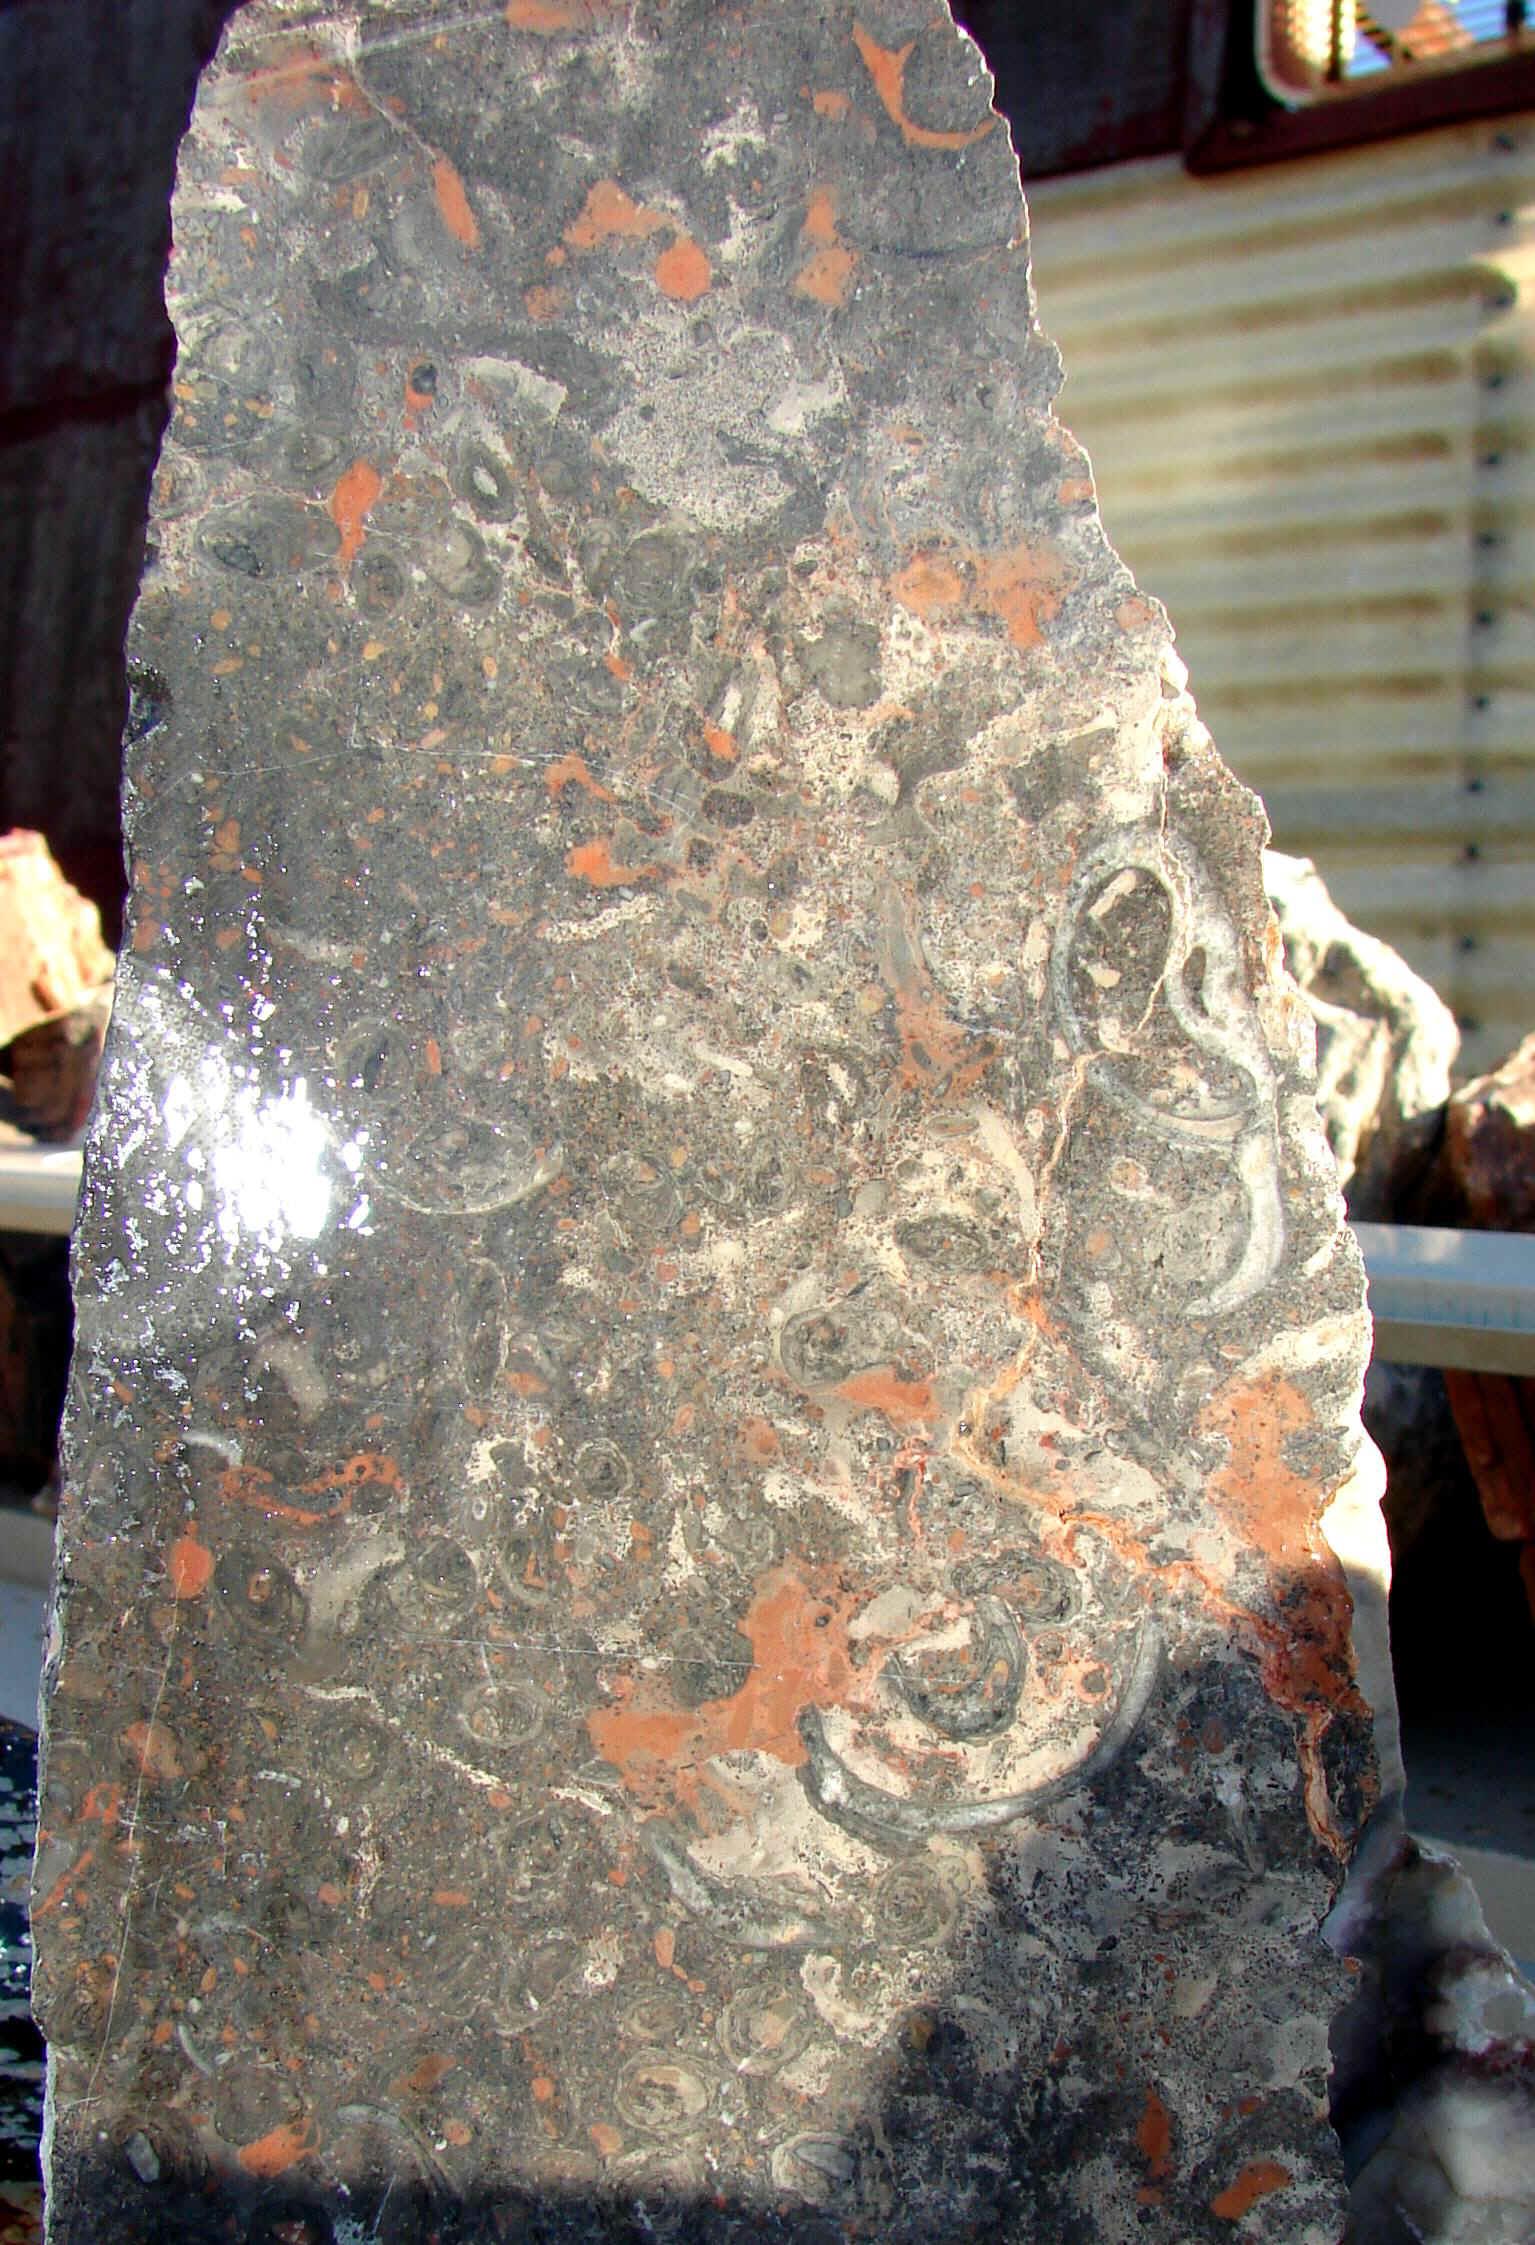 http://www.rockshops.net/fossil.jpg (807370 bytes)